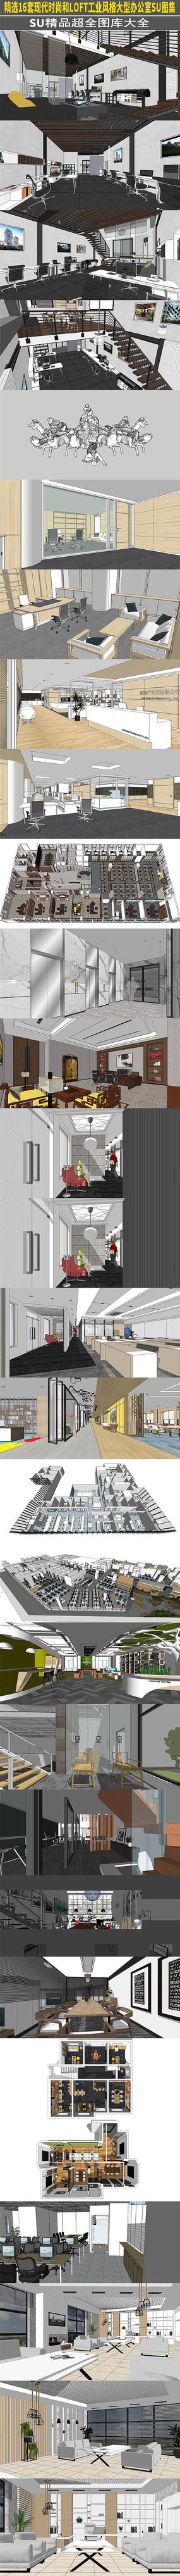 16套现代和LOFT工业大型办公室图集